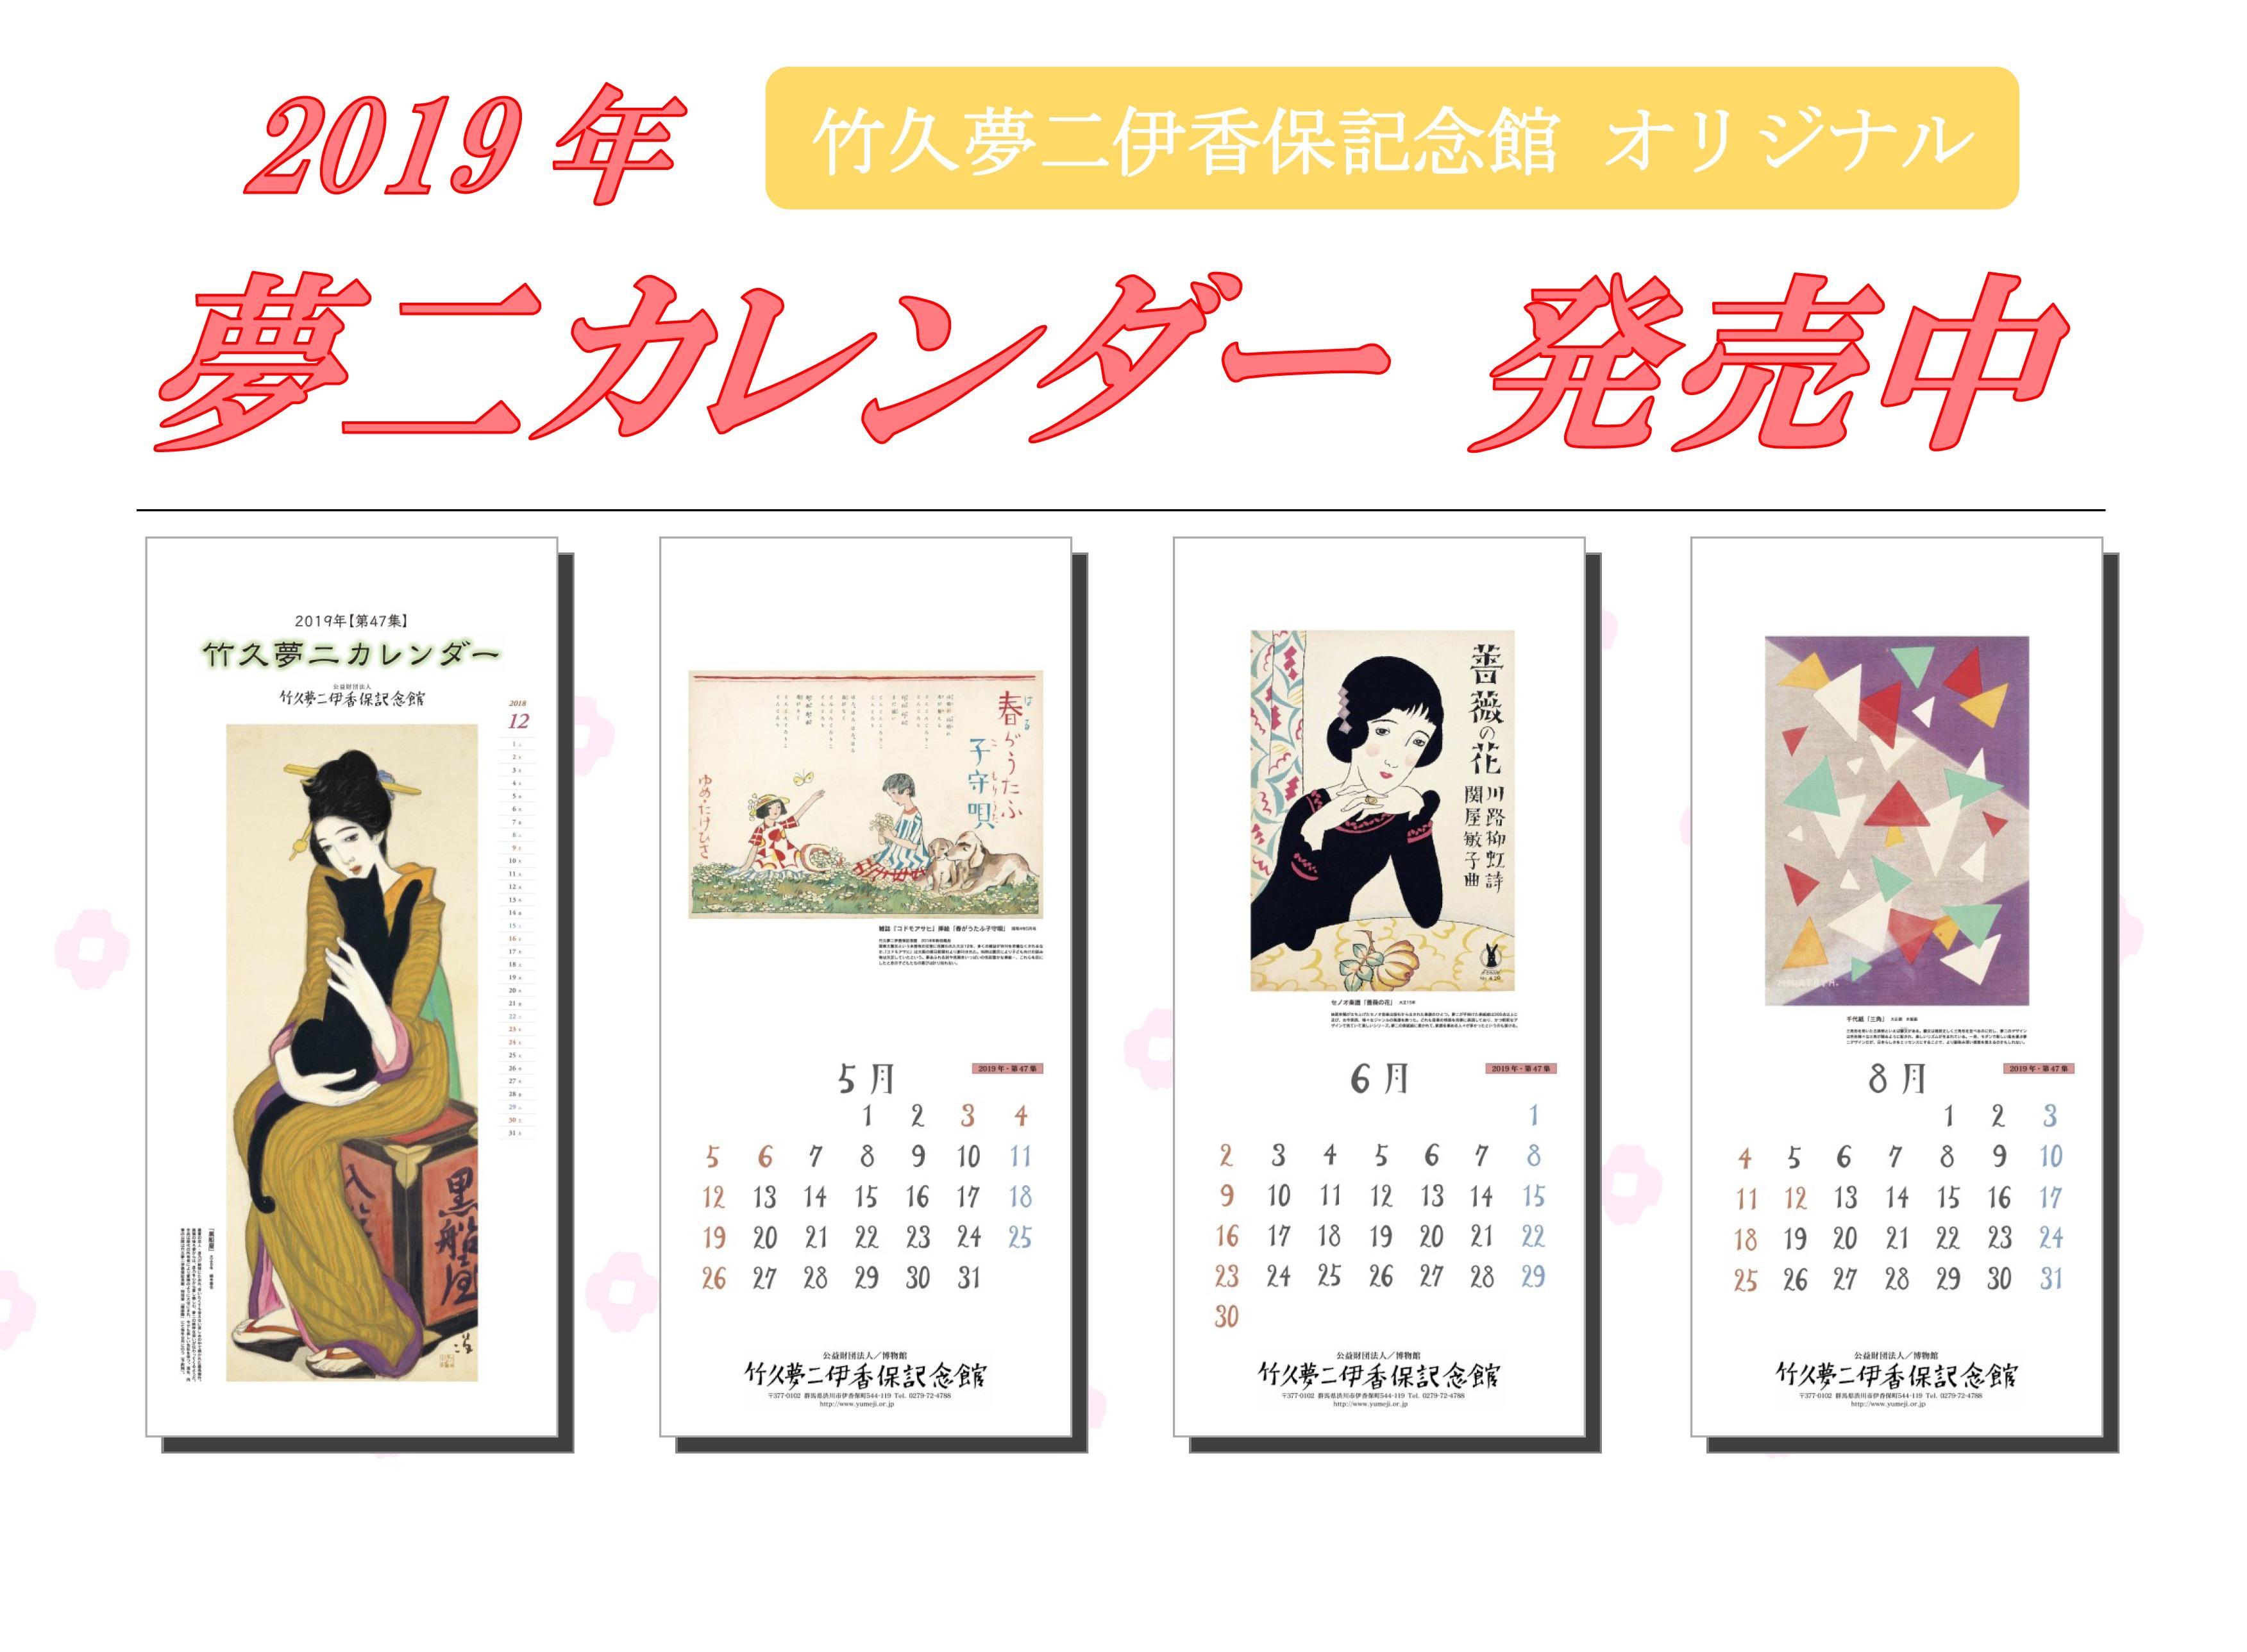 2019年竹久夢二カレンダー(壁掛けタイプ)